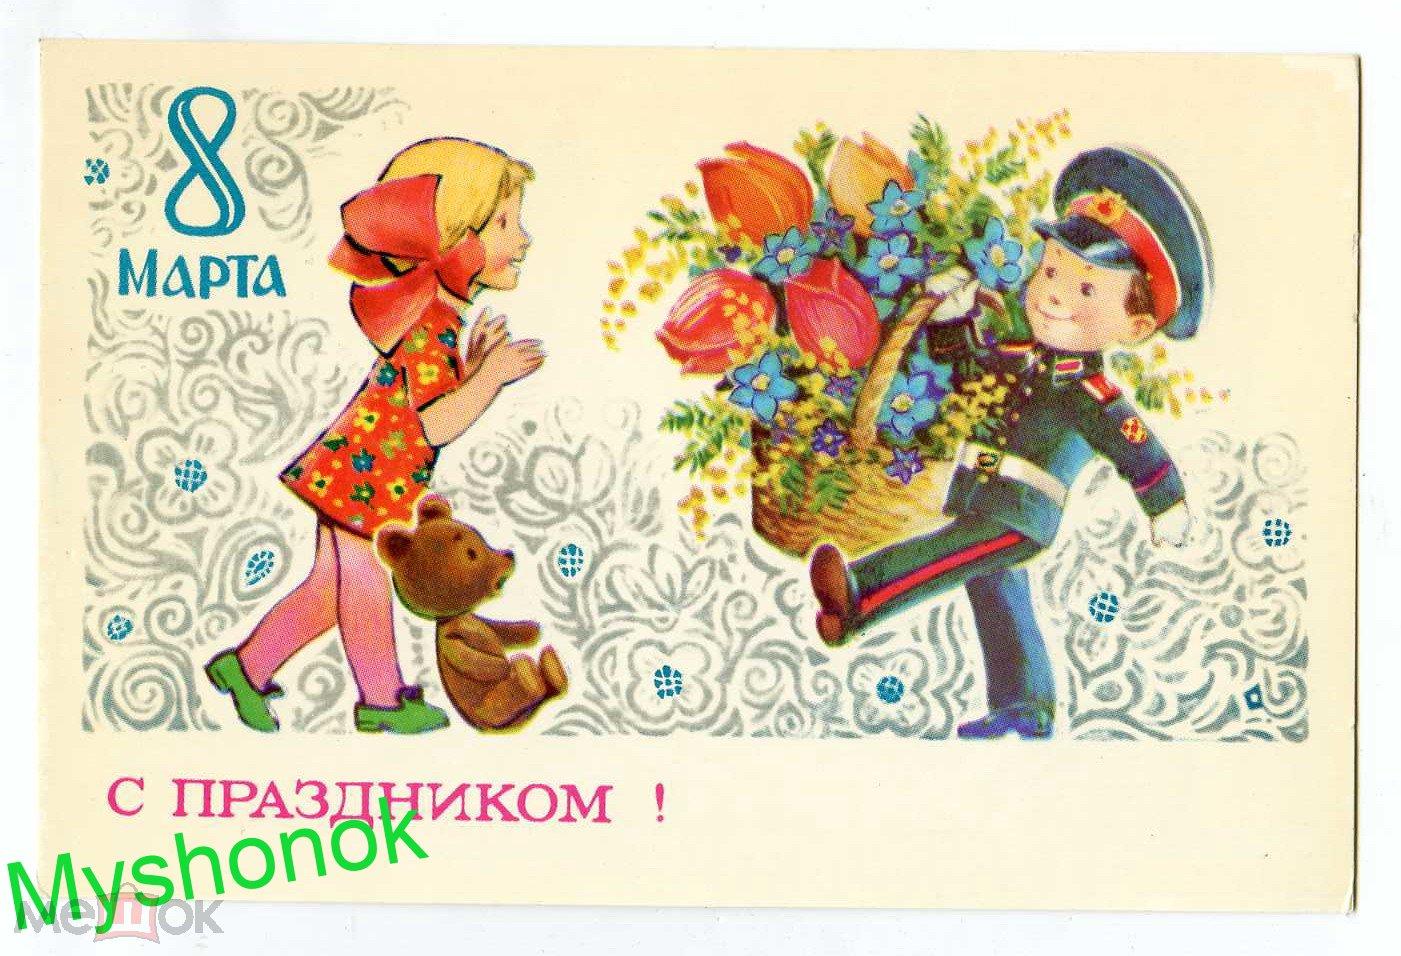 С днем 23 февраля поздравления и открытки с 8 марта, открыток